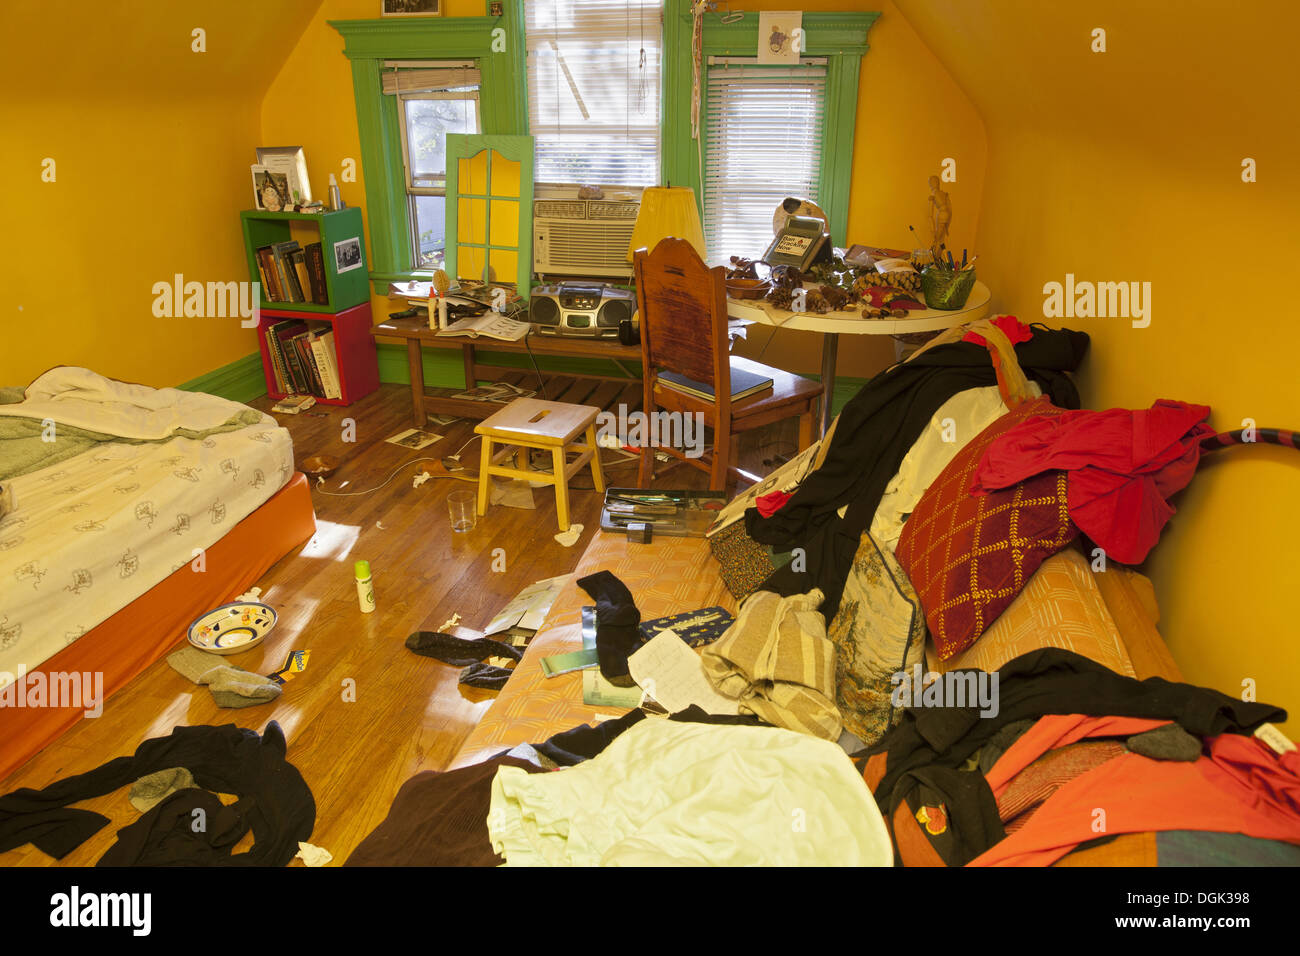 Chambre très malpropre d'une jeune personne. Photo Stock